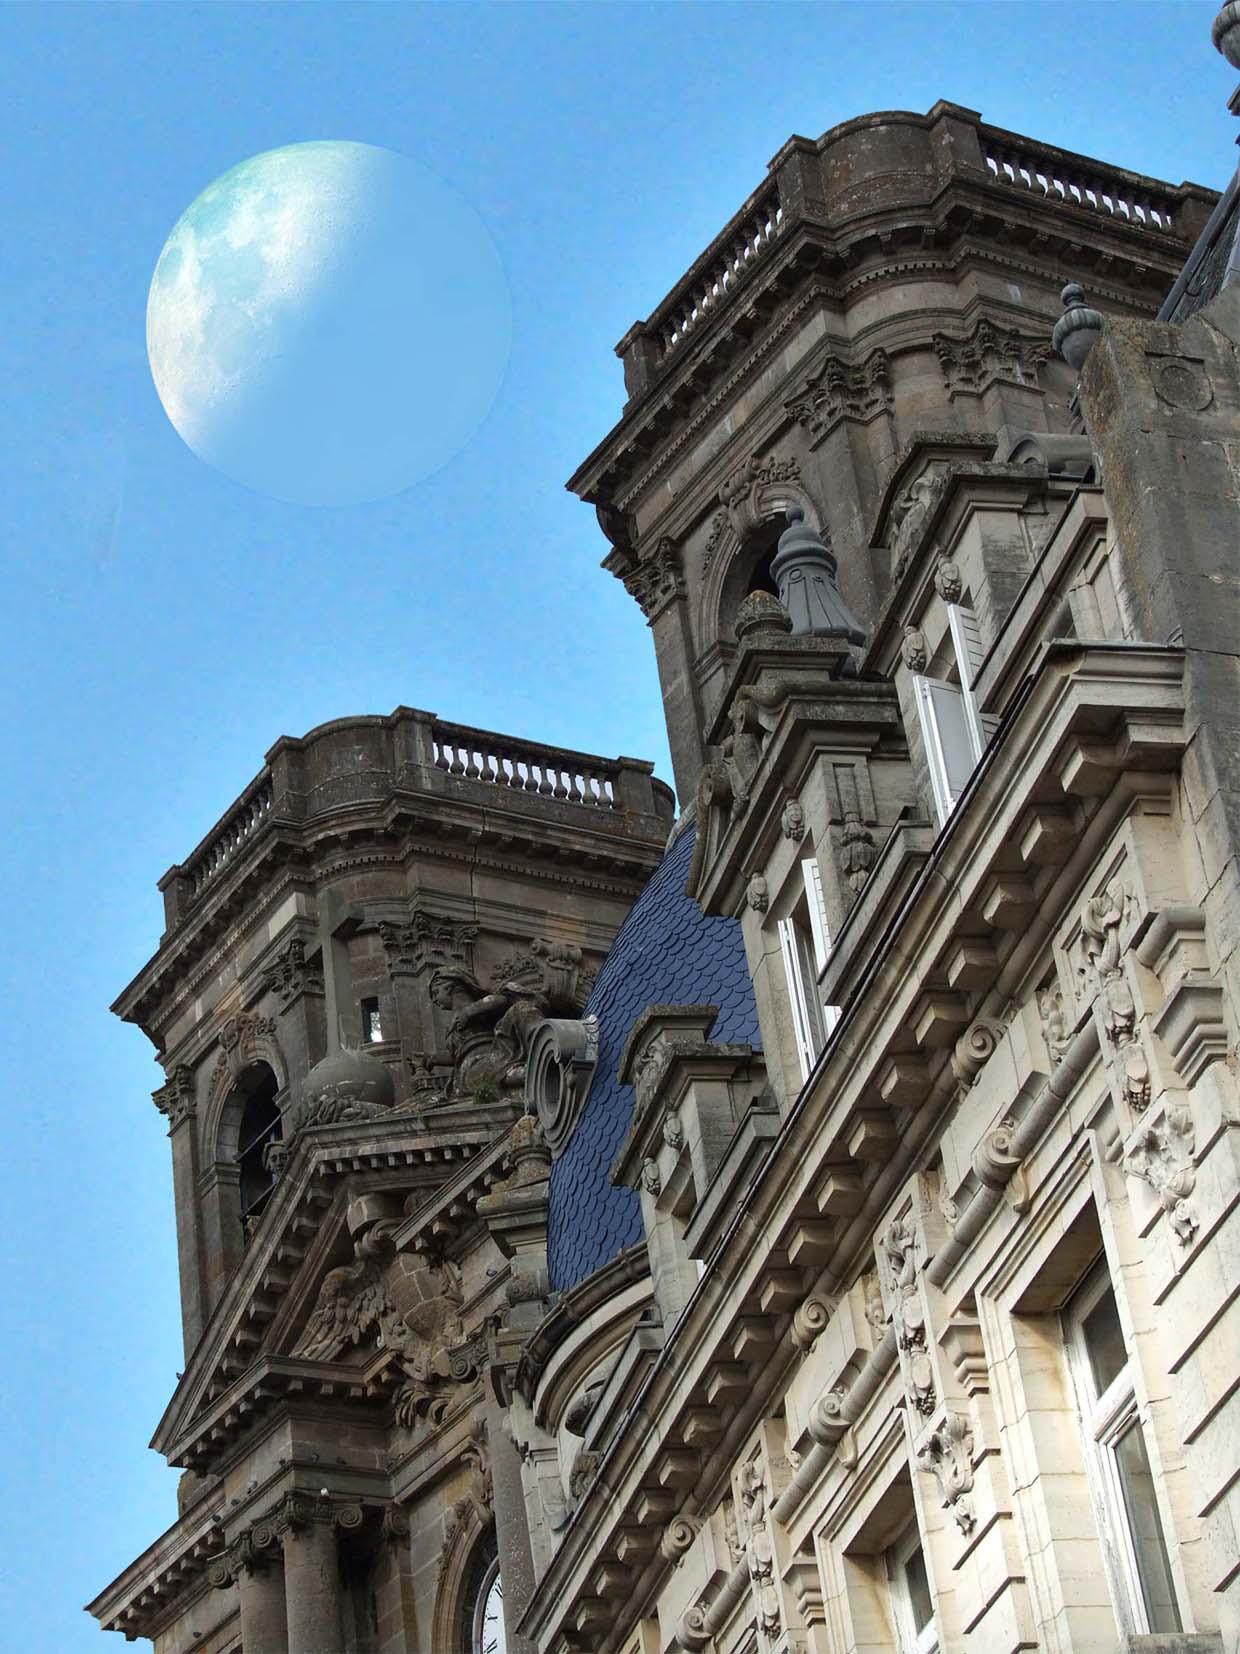 DSCF1362 cathedrale+lune.jpg